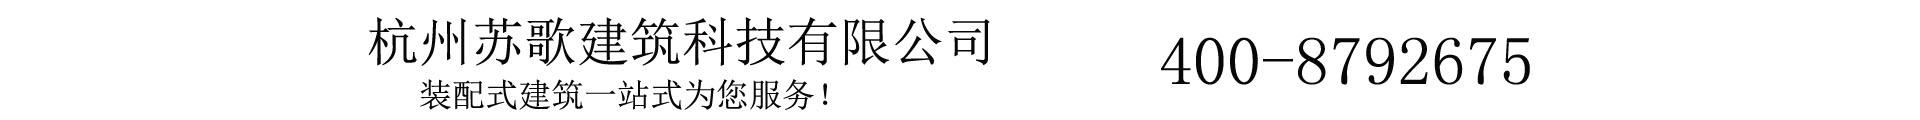 杭州苏歌建筑科技股份有限公司